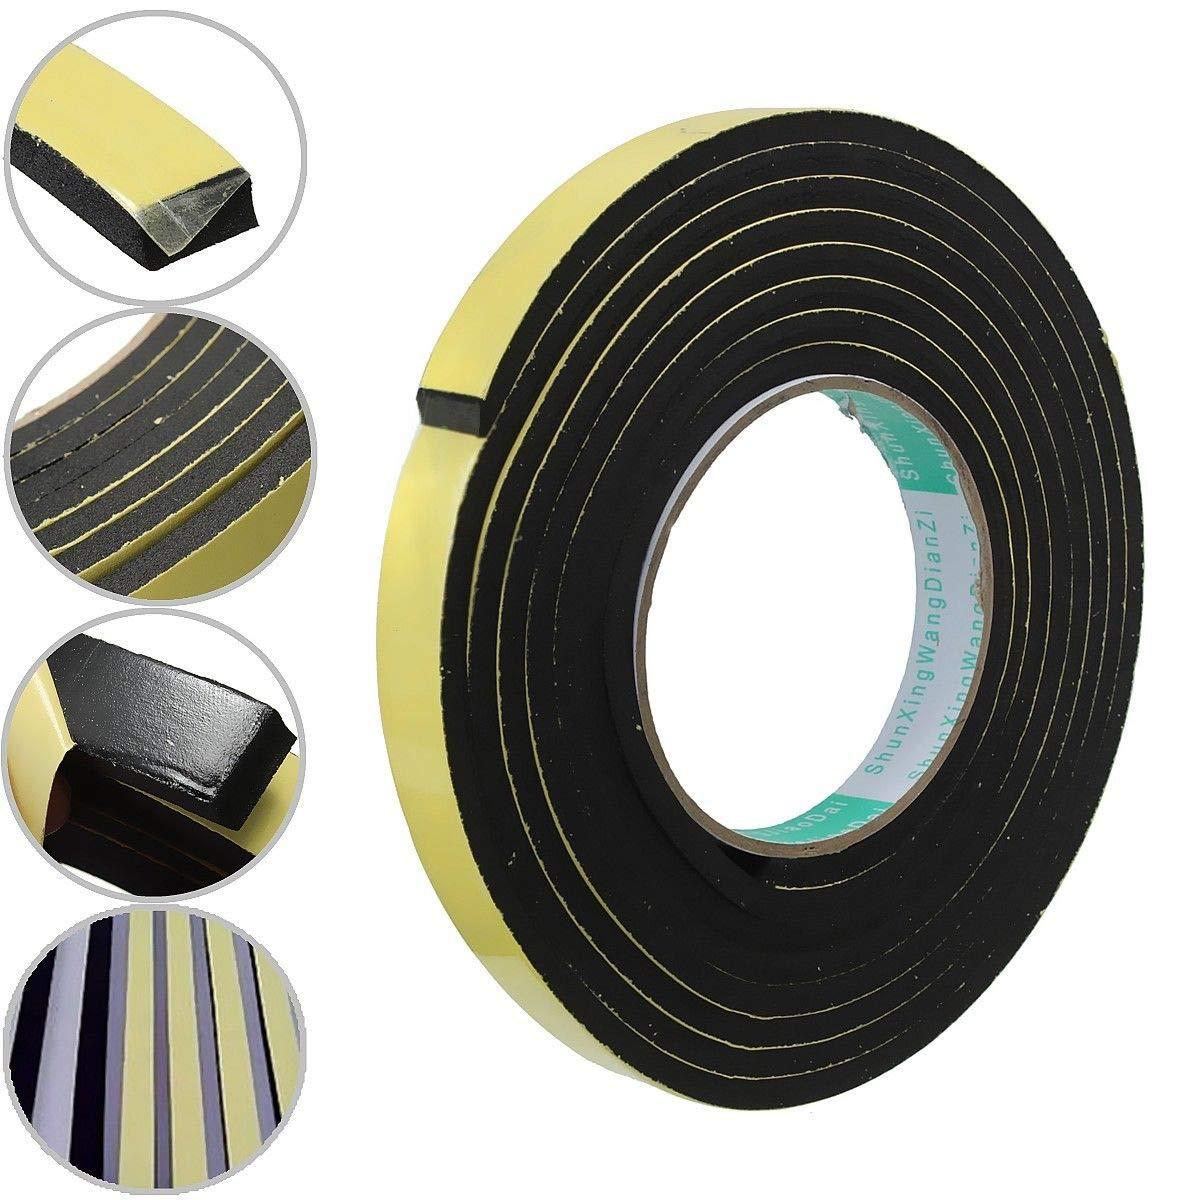 f/ür T/ür- und Fenster-Isolierung wasserfest 50 mm schwarz Schaumstoffband von Senrise B x 3 mm 12 mm hochdichter Schaumstoff L T x 5 m einseitiges Schaumstoffband